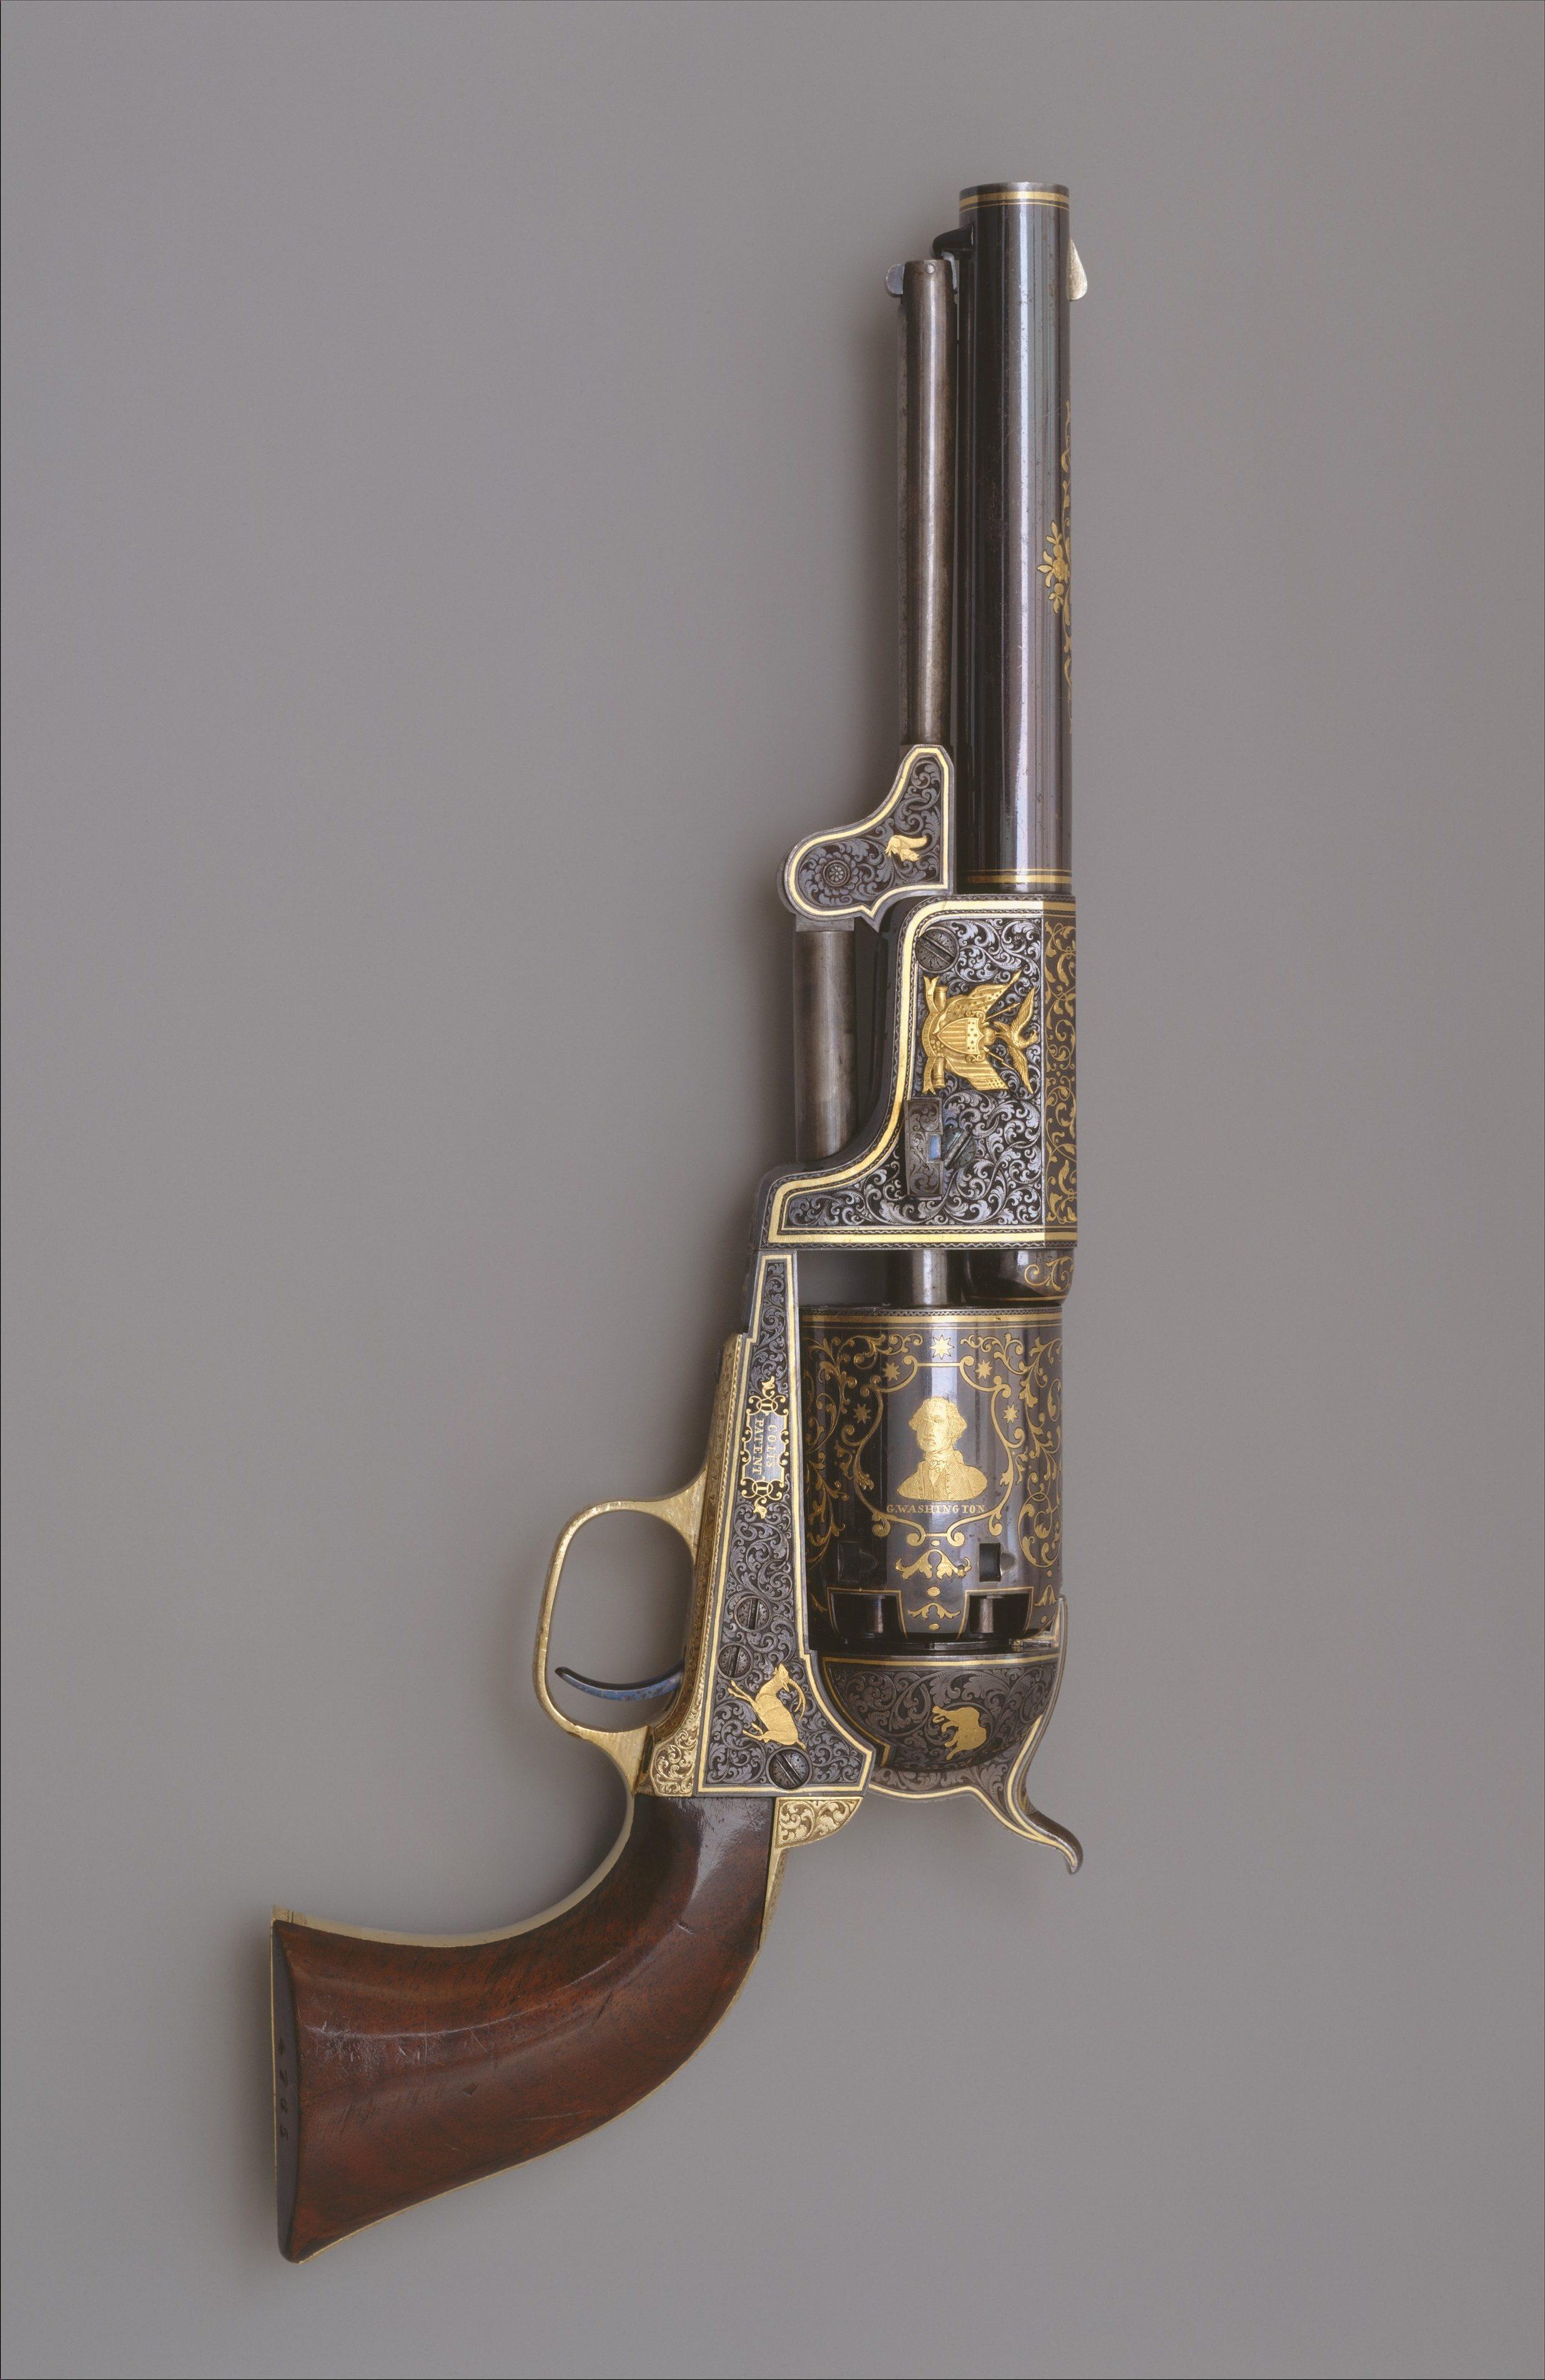 Revolver Colt, 3e modèle Dragoon, circa 1853. Acier, laiton, or et bois. Revolver offert par Colt au tsar Nicolas Ier de Russie en 1854 et qui se trouve maintenant au Musée de l'Ermitage de Saint-Pétersbourg © MET Museum